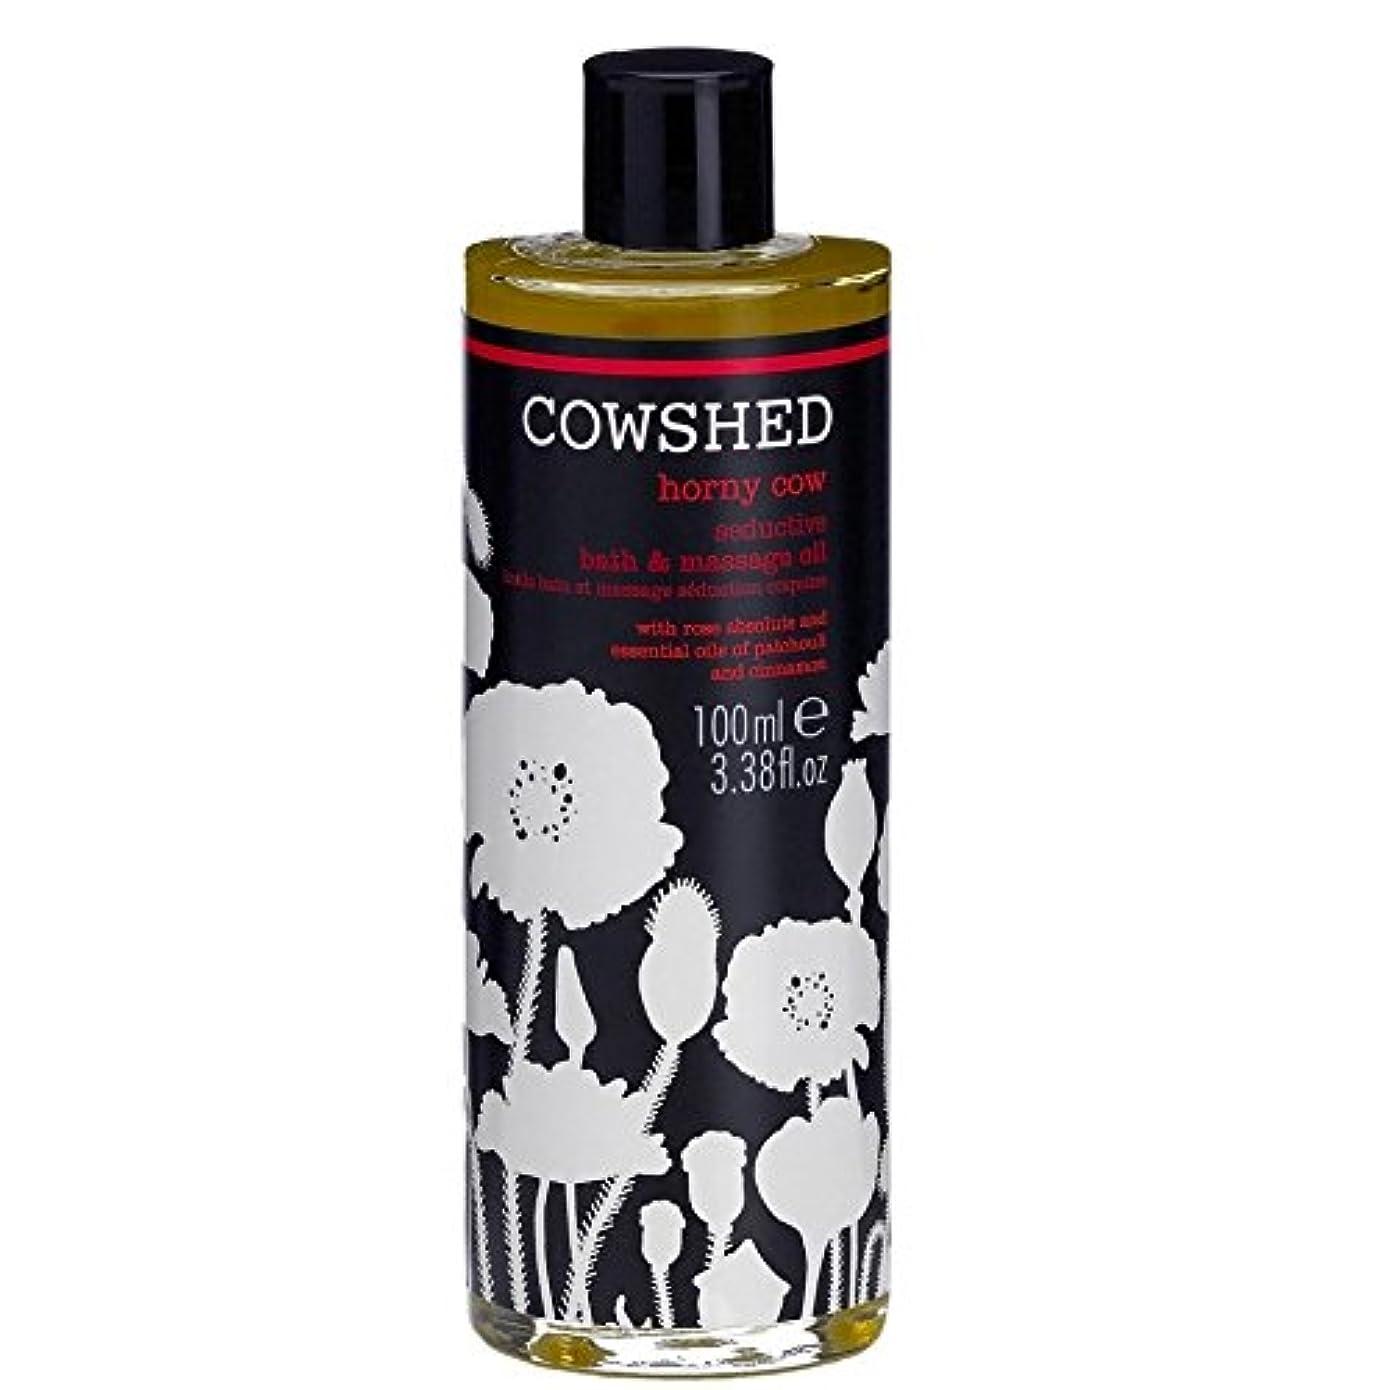 既にエンティティ磨かれた牛舎角質牛魅惑的なバス、ボディオイル100ミリリットル x2 - Cowshed Horny Cow Seductive Bath and Body Oil 100ml (Pack of 2) [並行輸入品]